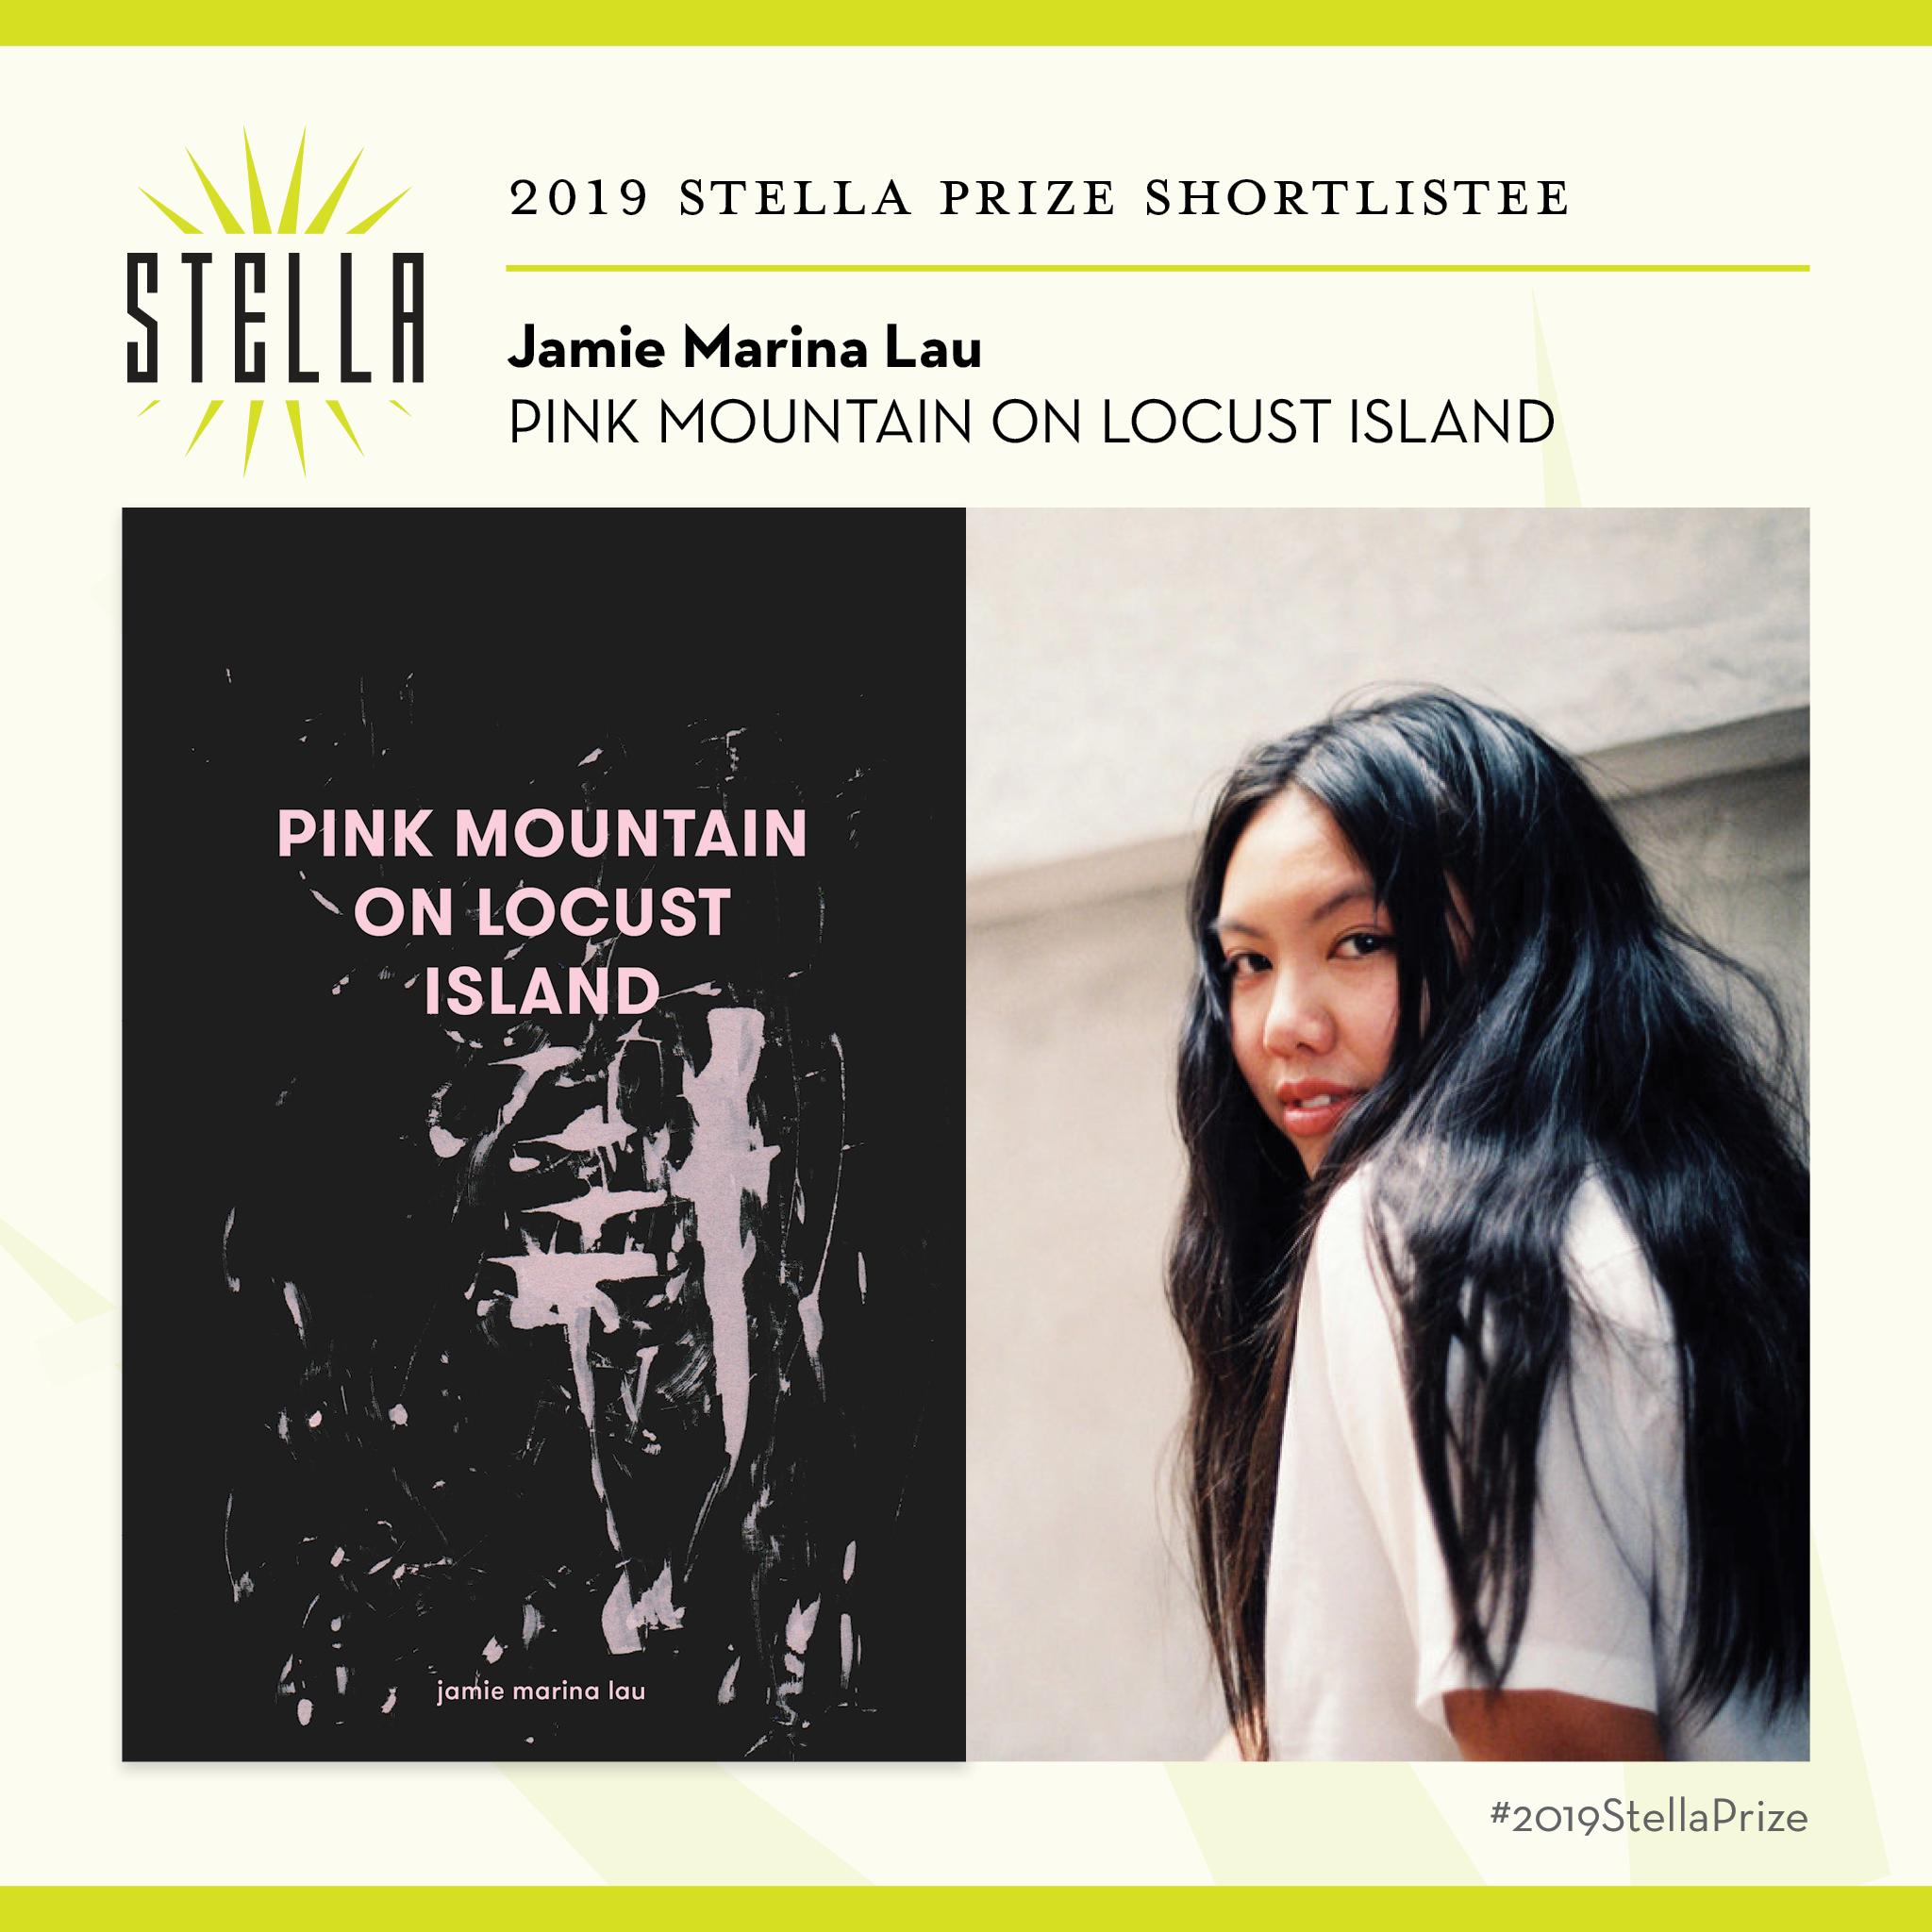 Stella Insta Card - Shortlist 2019_LAU.jpg